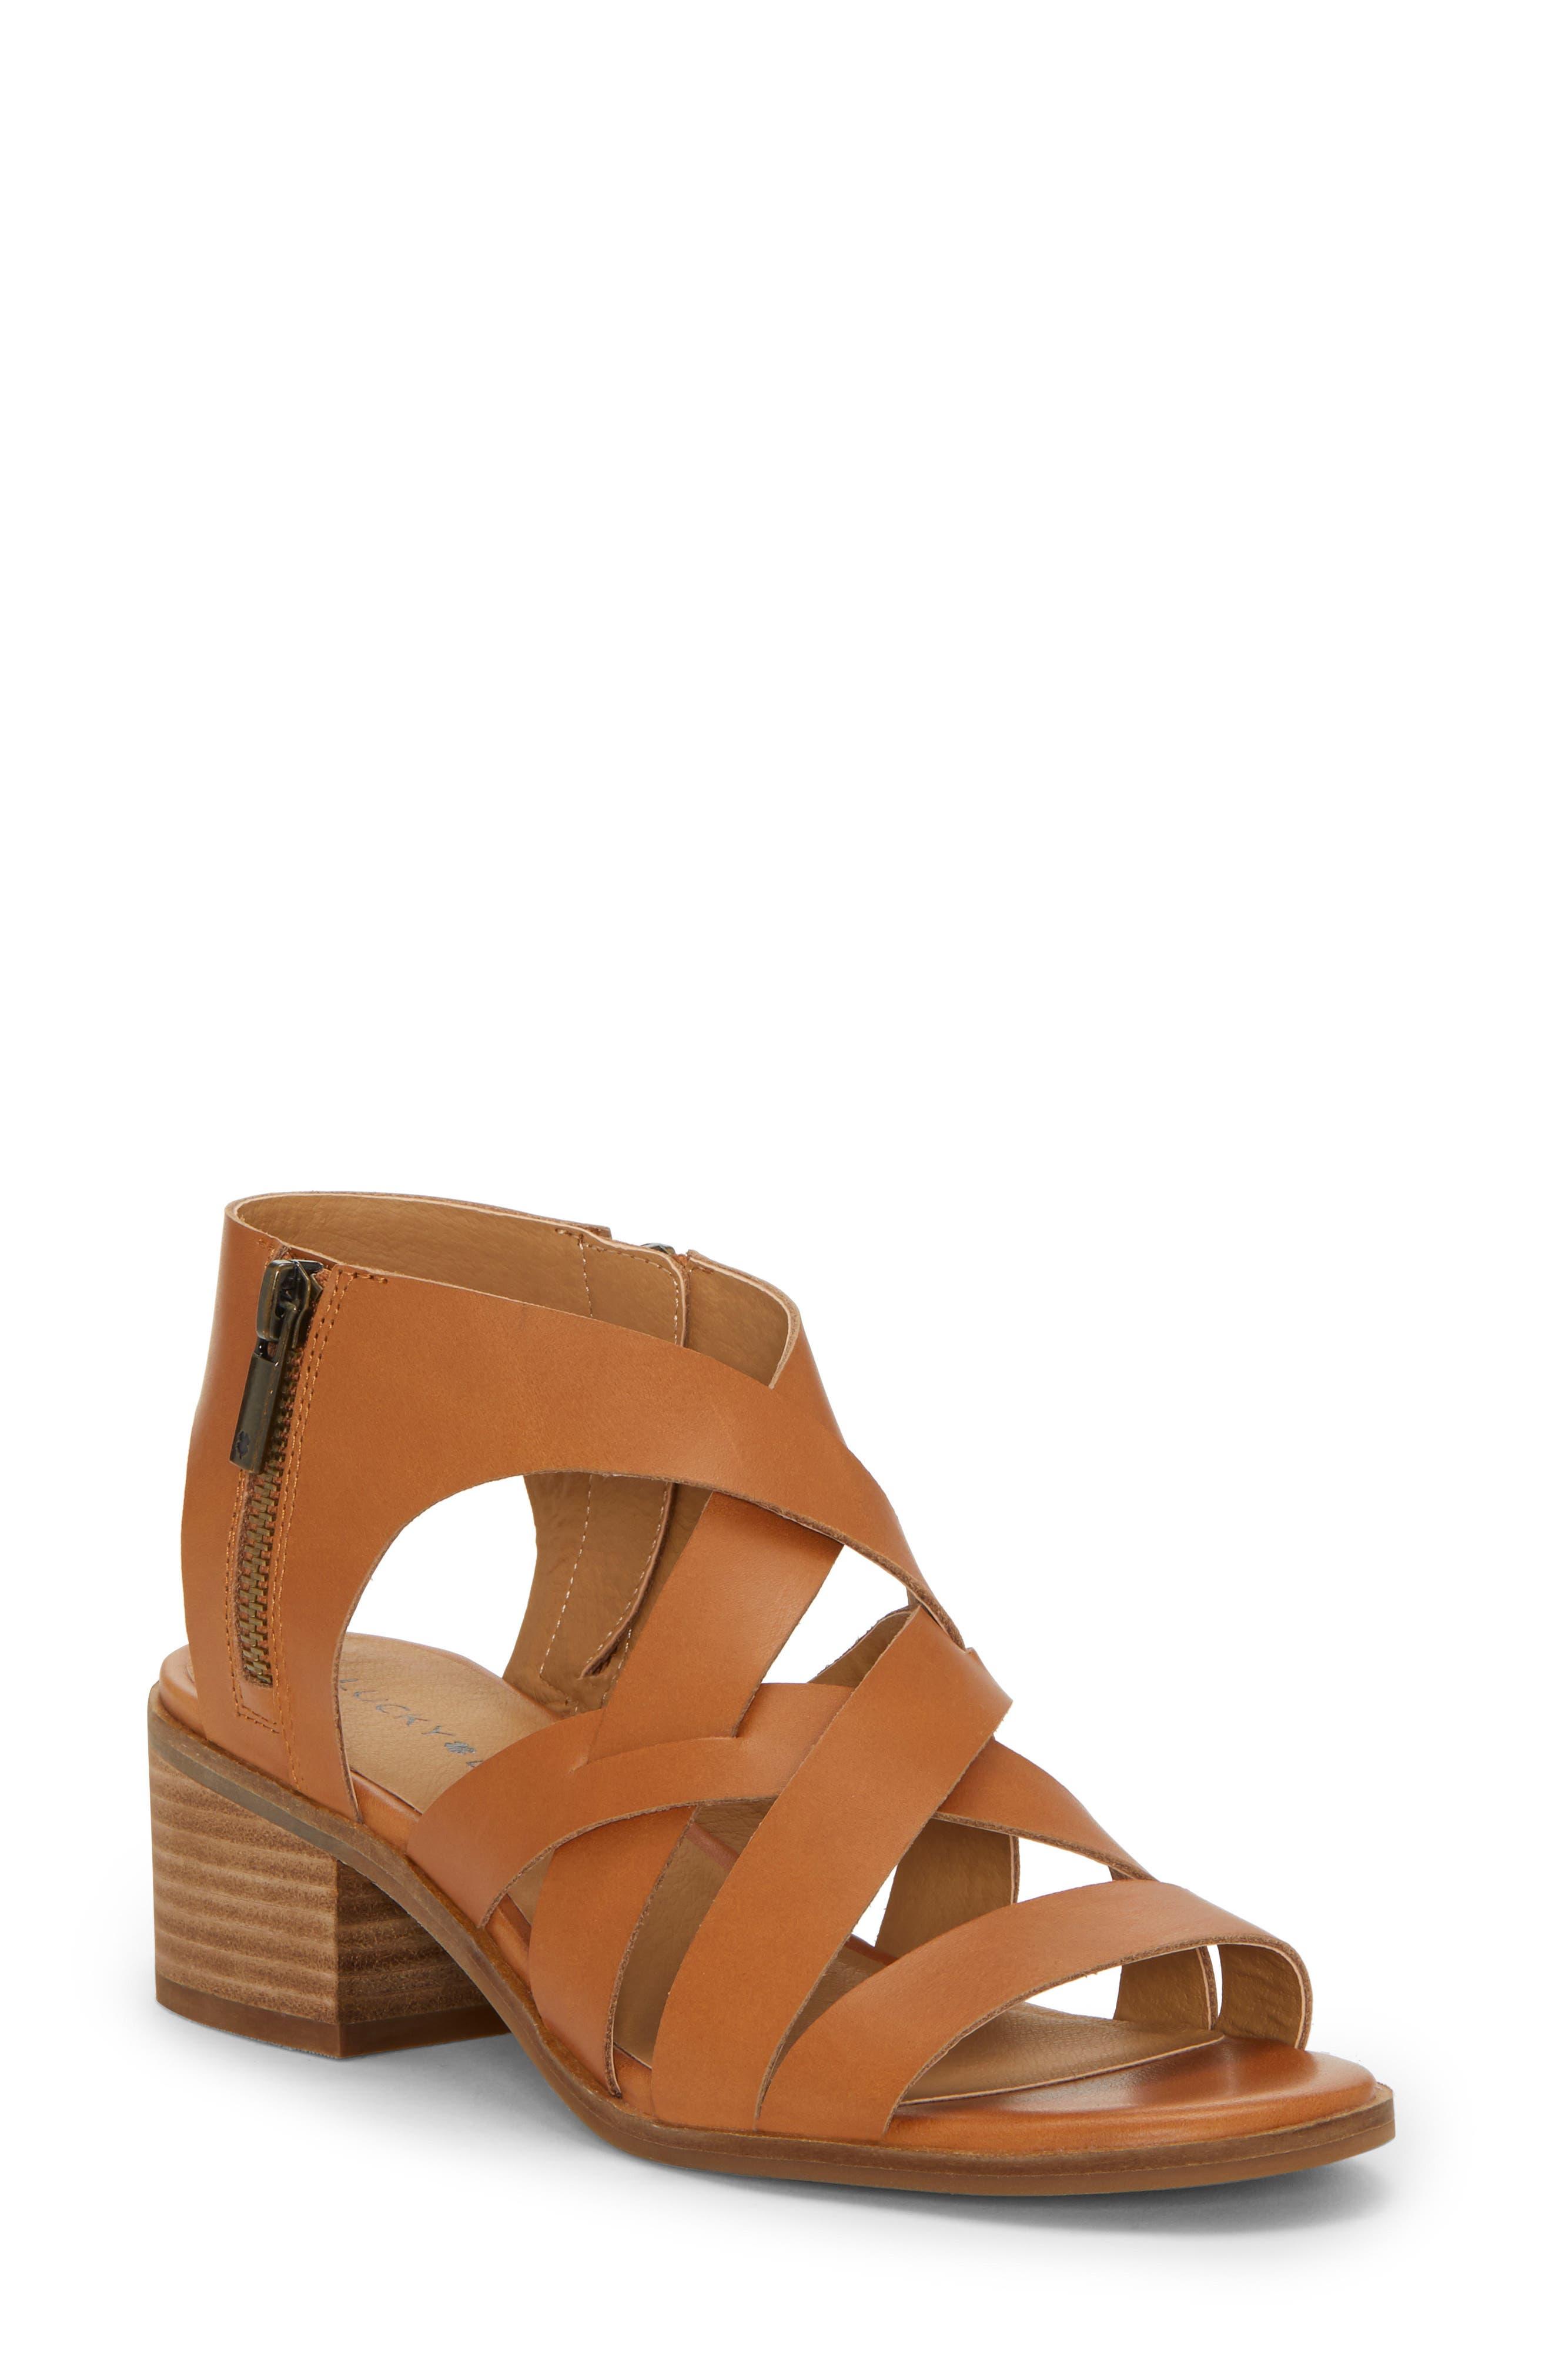 Nayeli Sandal, Main, color, CARAMEL LEATHER